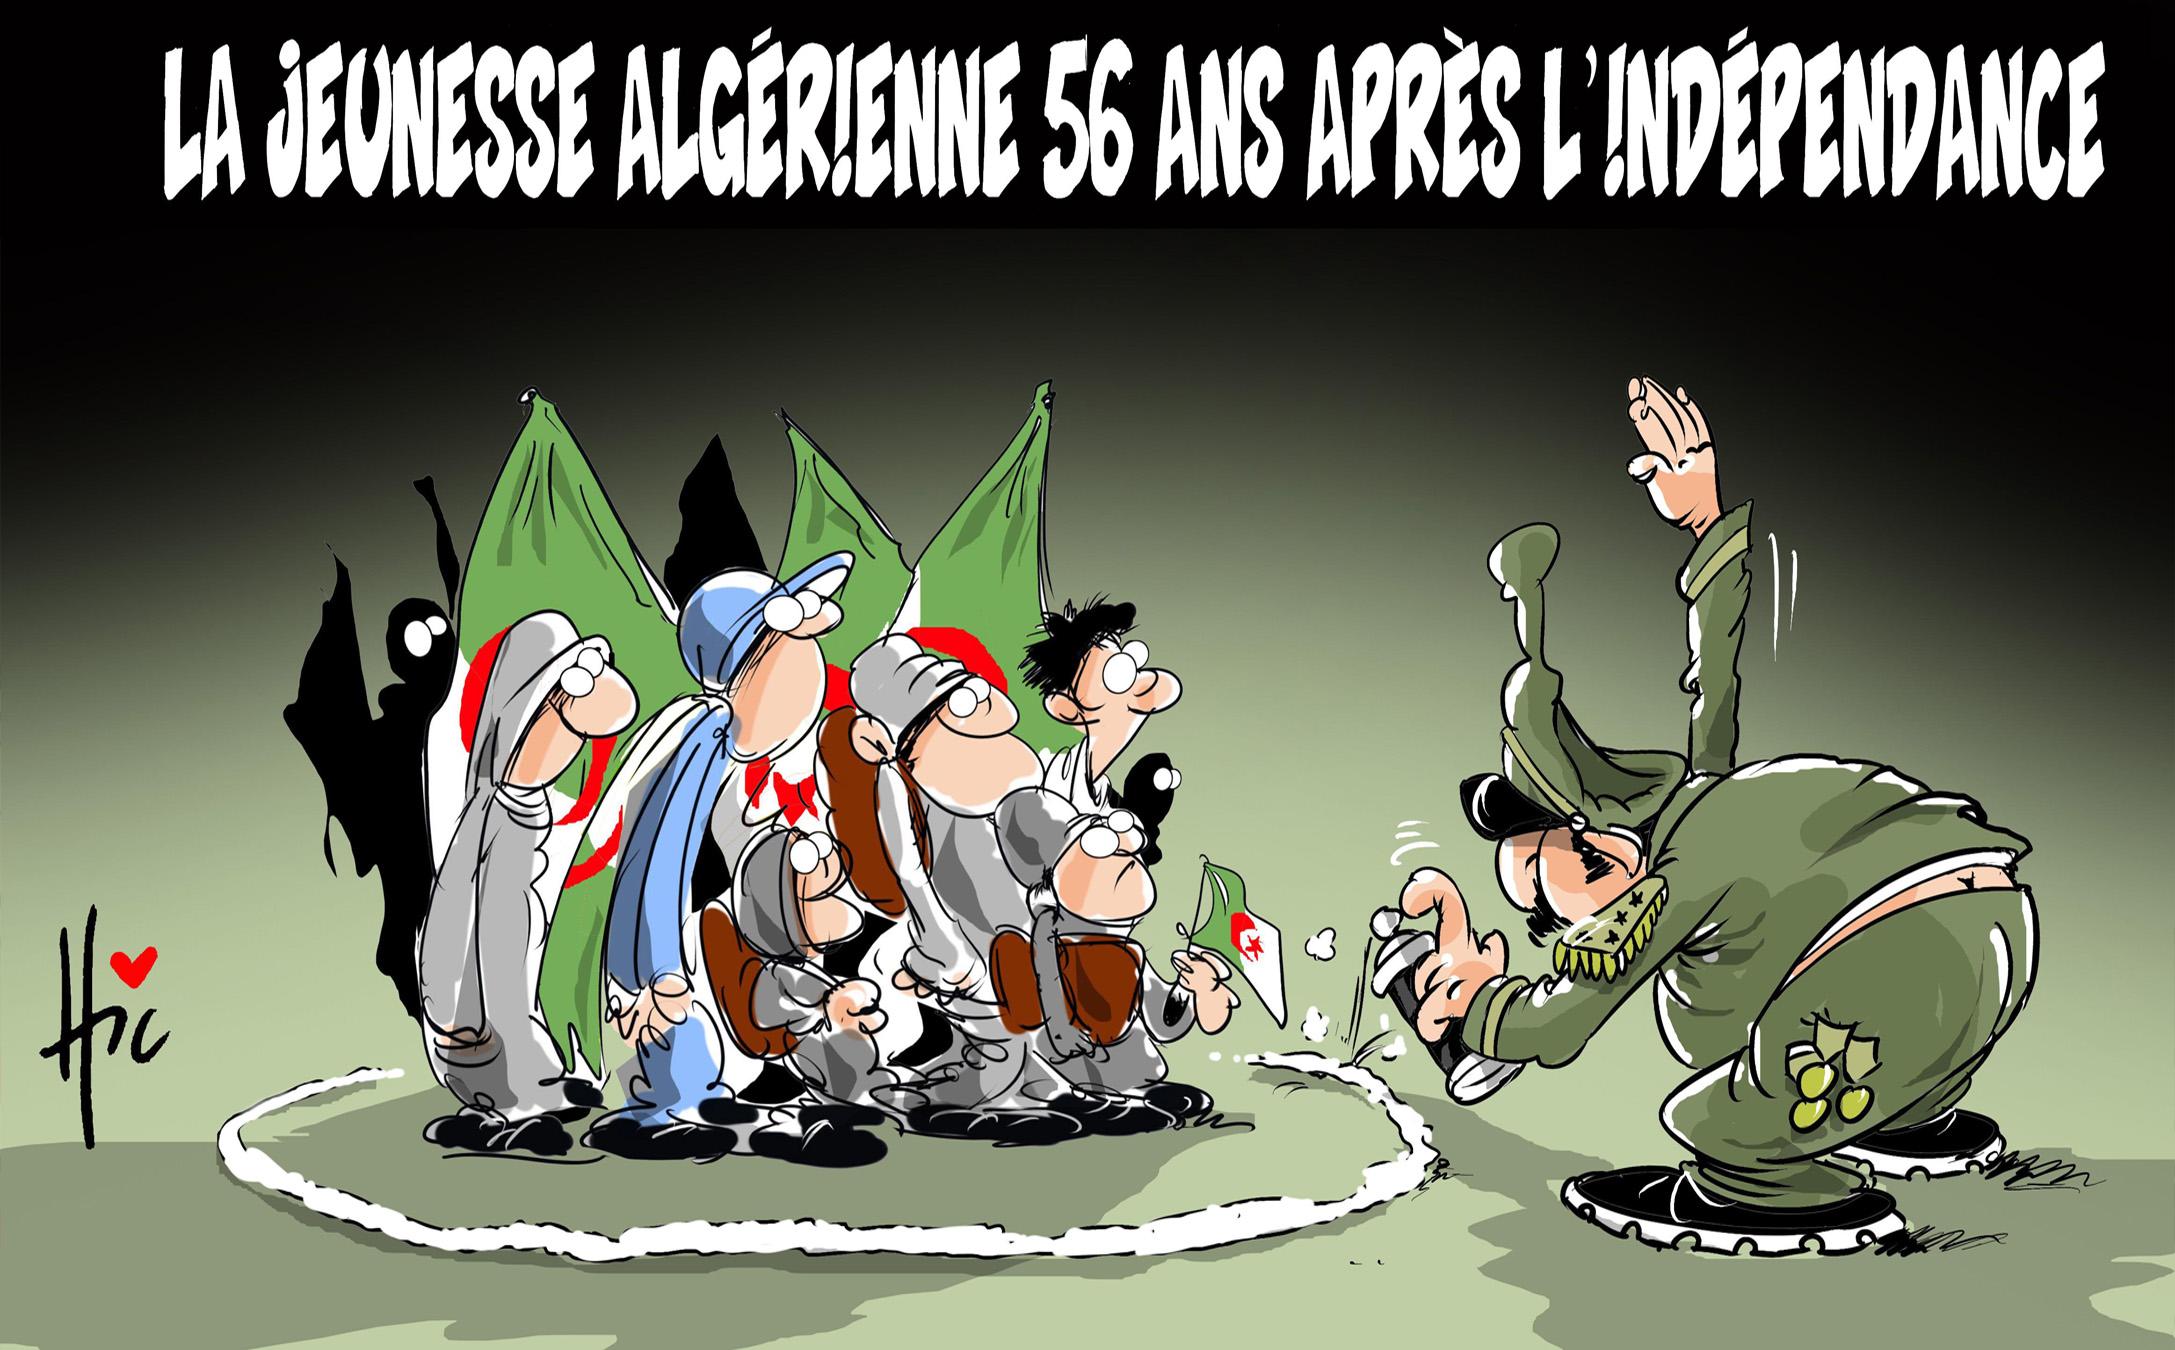 La jeunesse algérienne 56 ans après l'indépendance - Dessins et Caricatures, Le Hic - El Watan - Gagdz.com